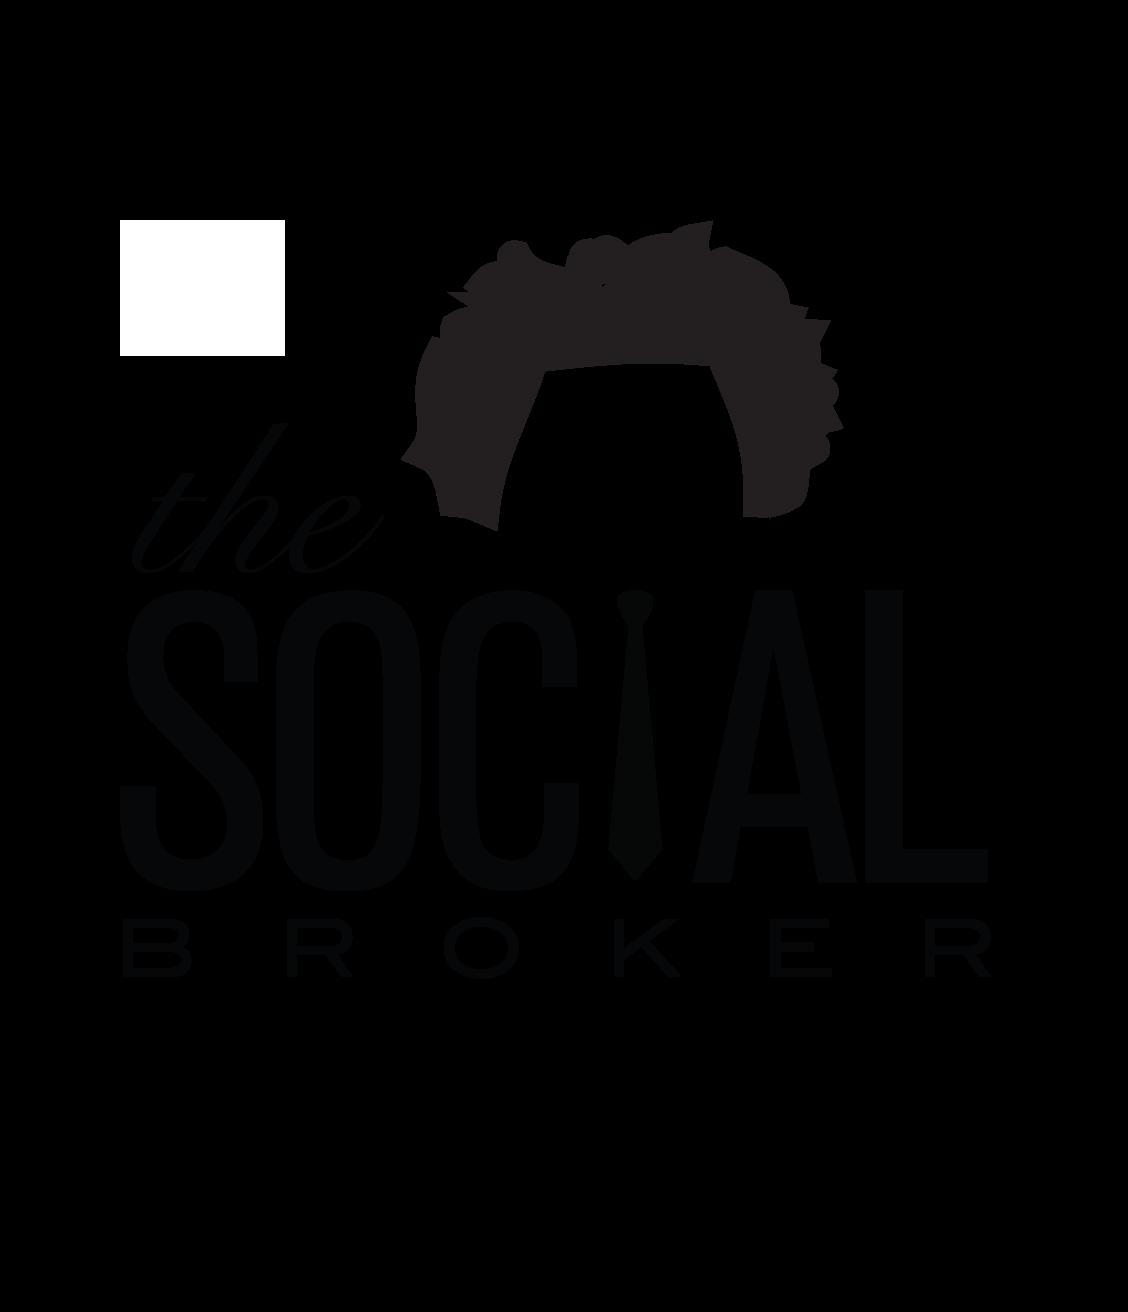 socialbroker_logo.png